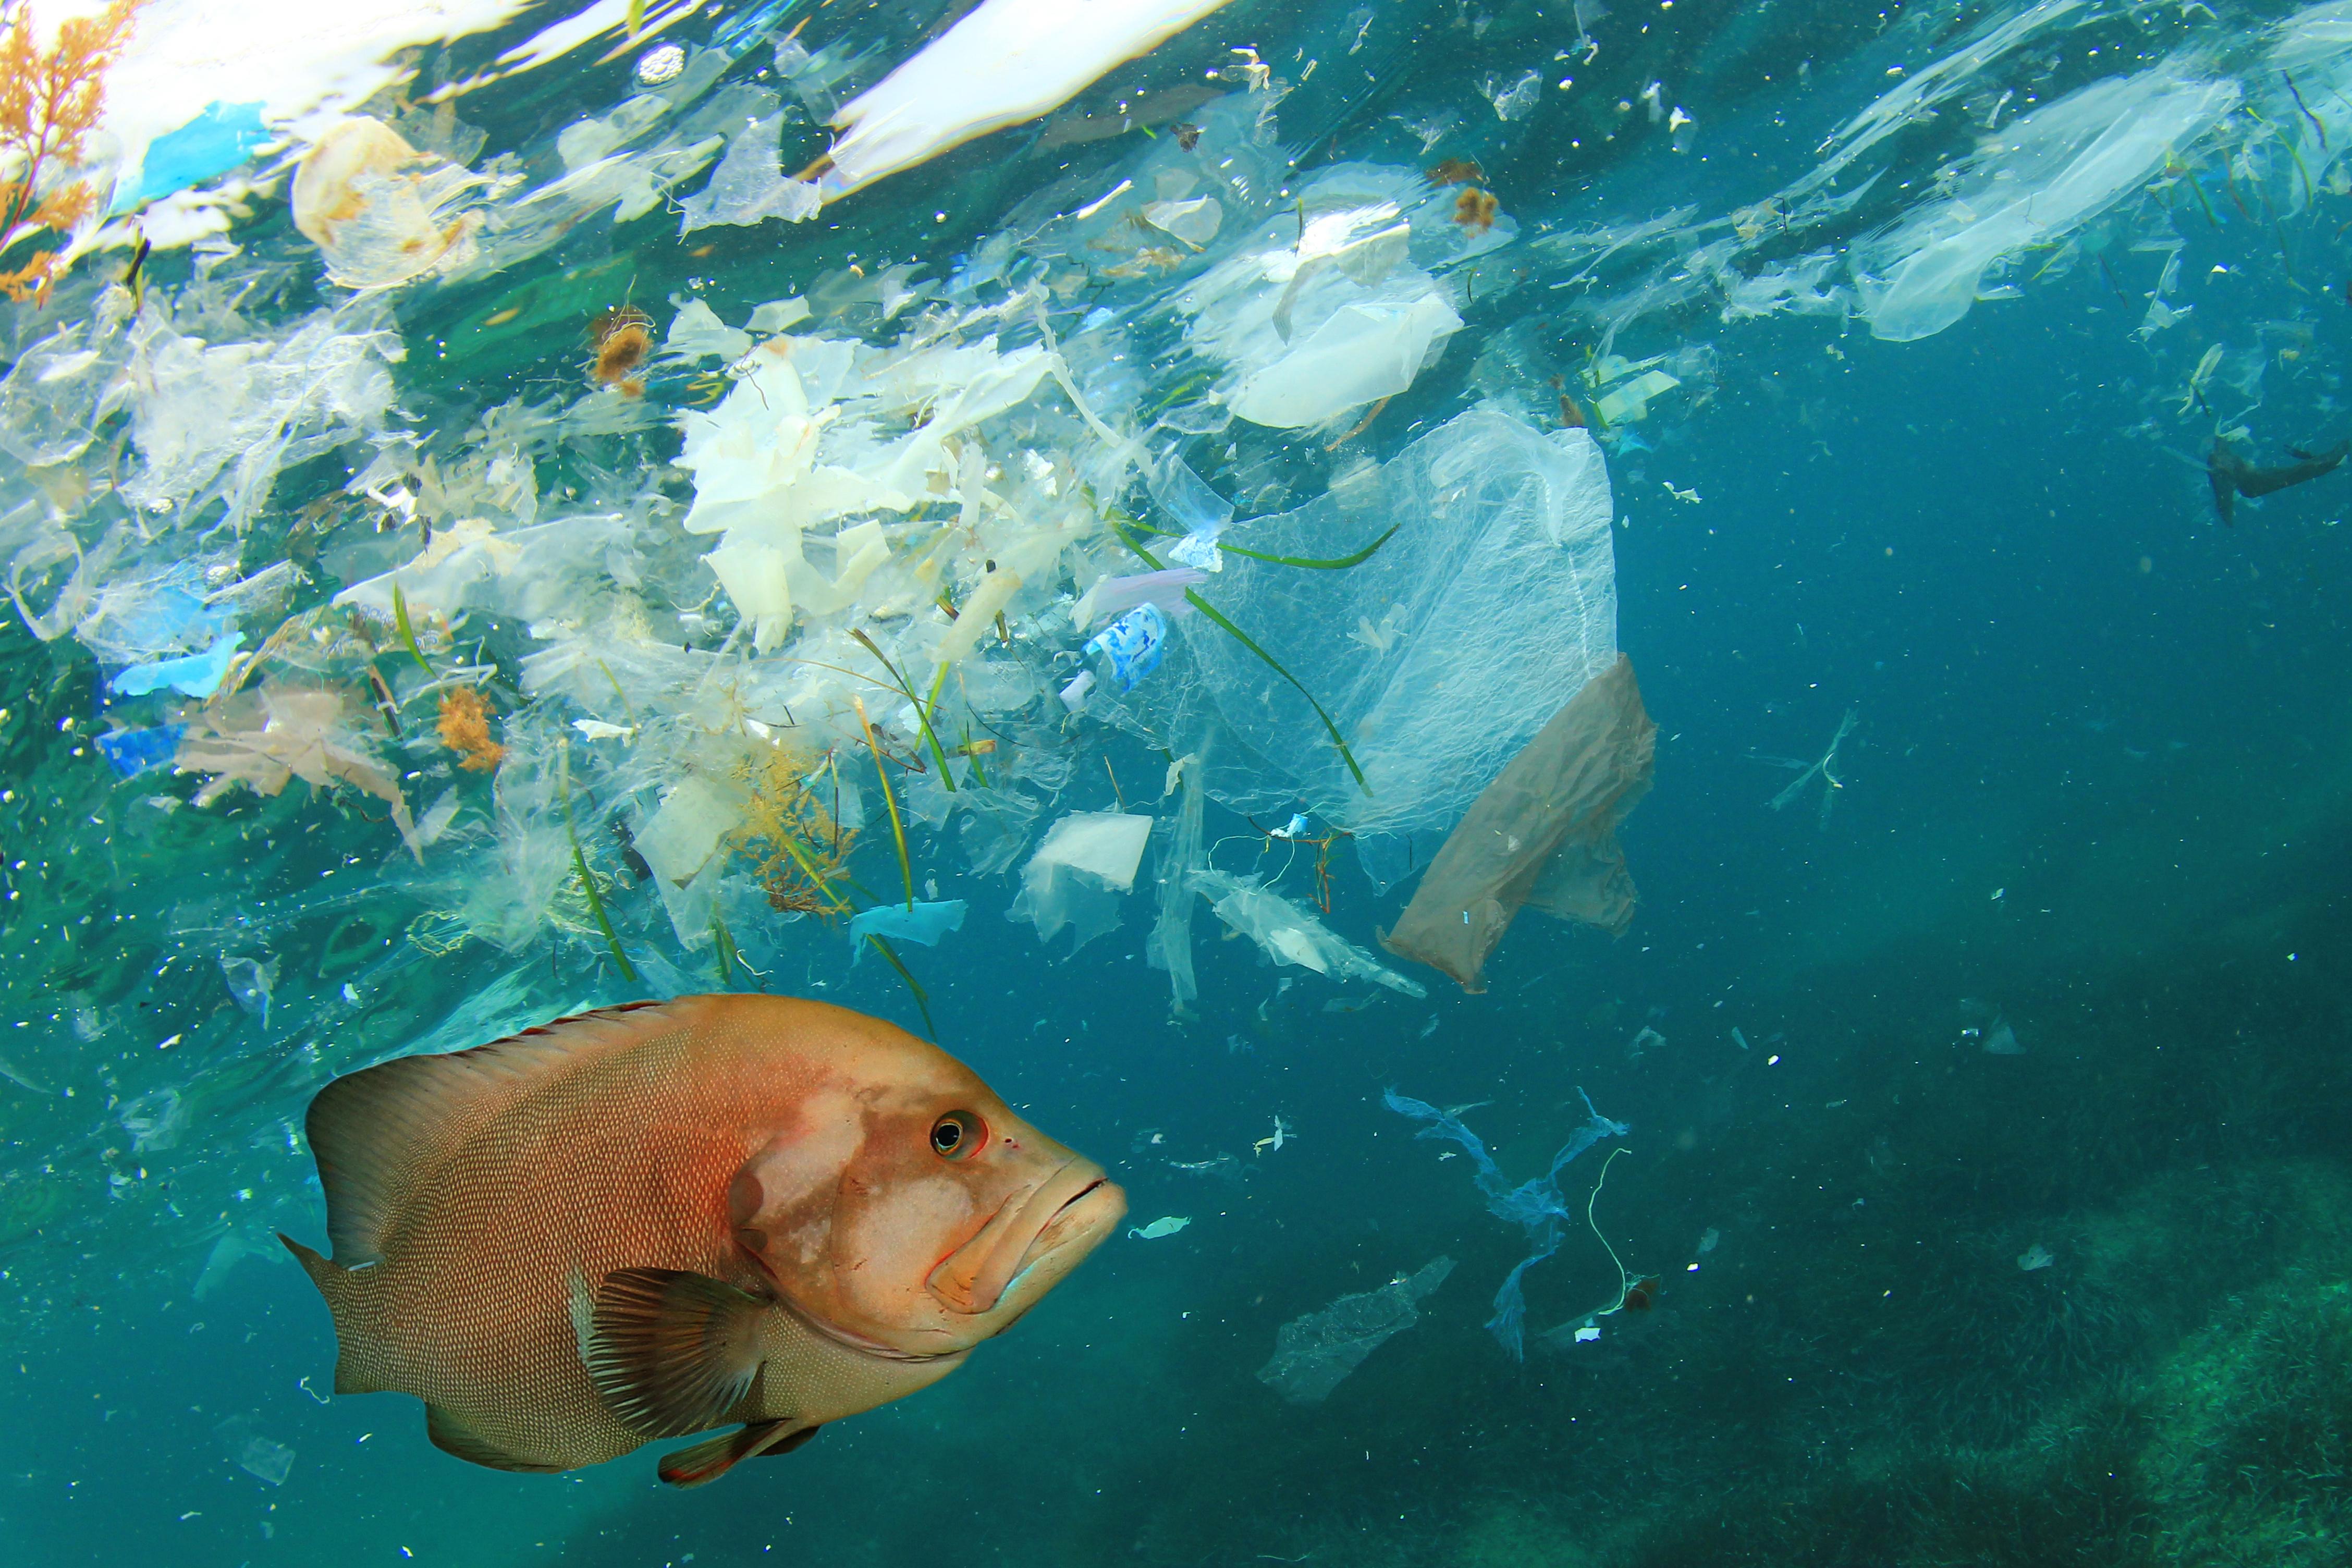 El plástico es ingerido por ballenas, delfines y otras especies marinas.